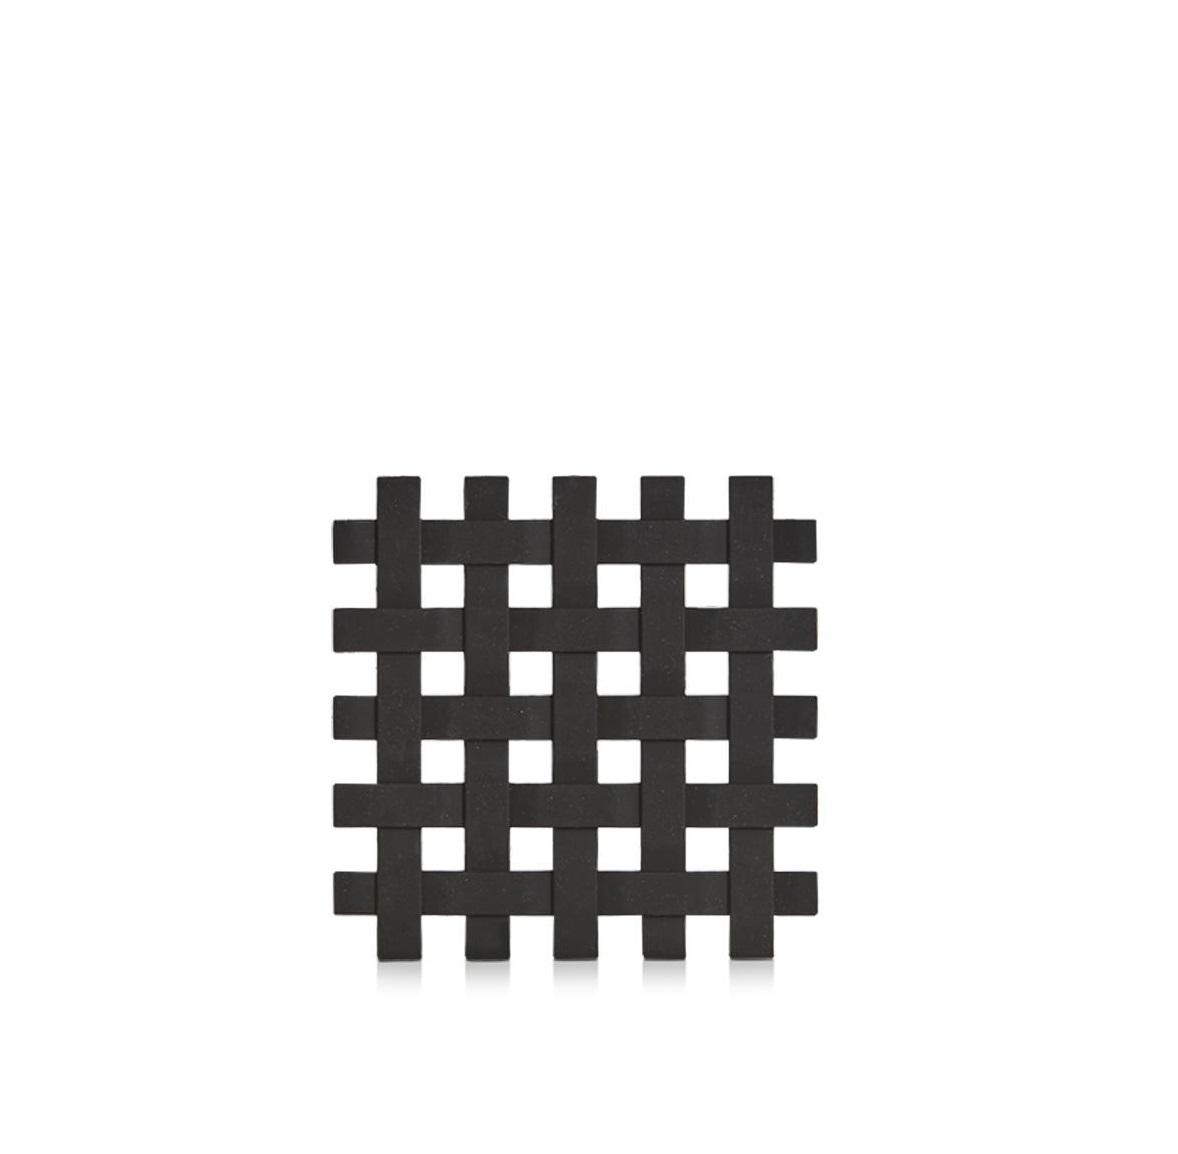 Suport pentru vesela, din plastic Trivet Negru, L17,2xl17,2 cm imagine 2021